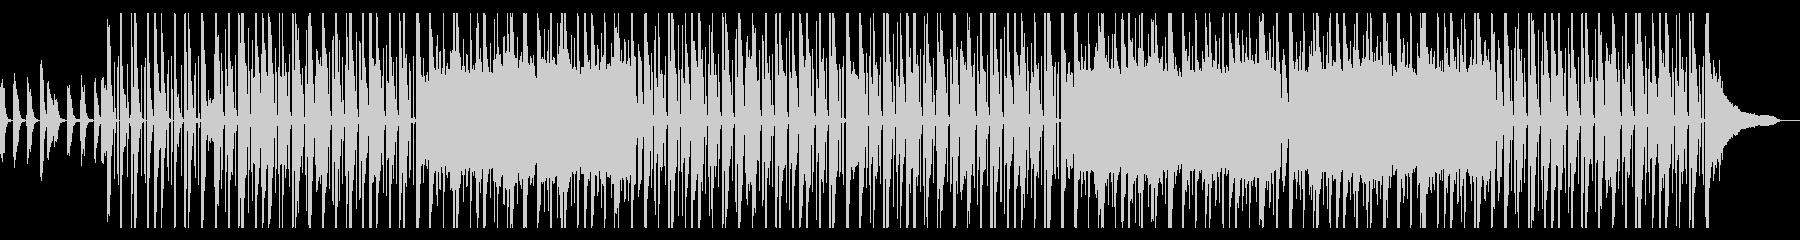 クールでおしゃれなヒップホップの未再生の波形